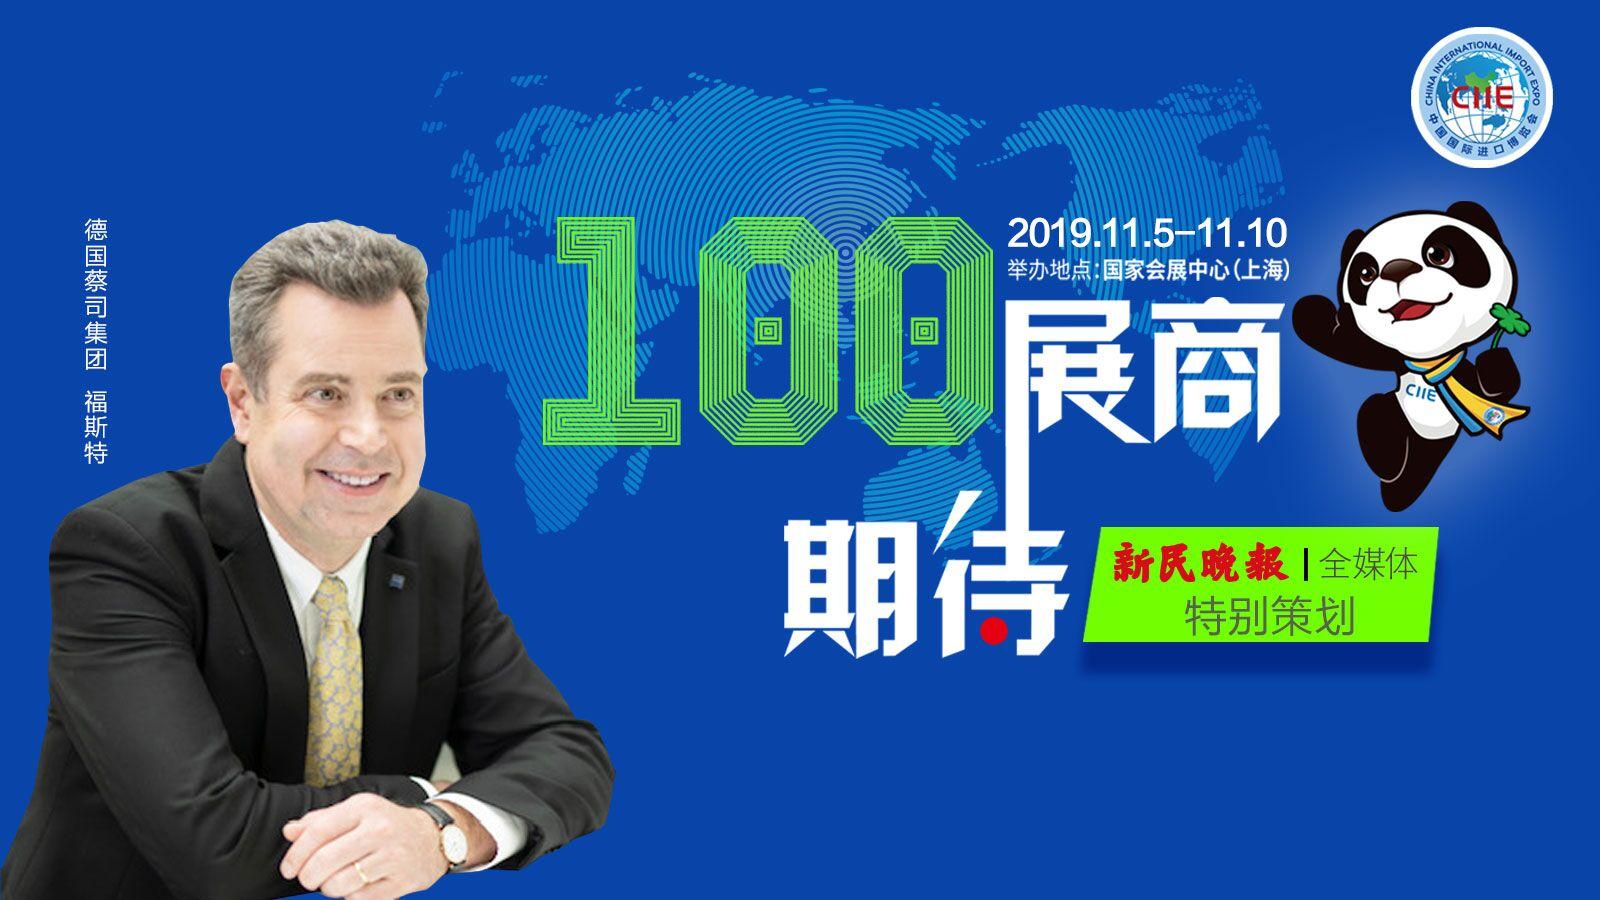 100展商100期待|蔡司集团:布展400平方米 展出30余件高精产品